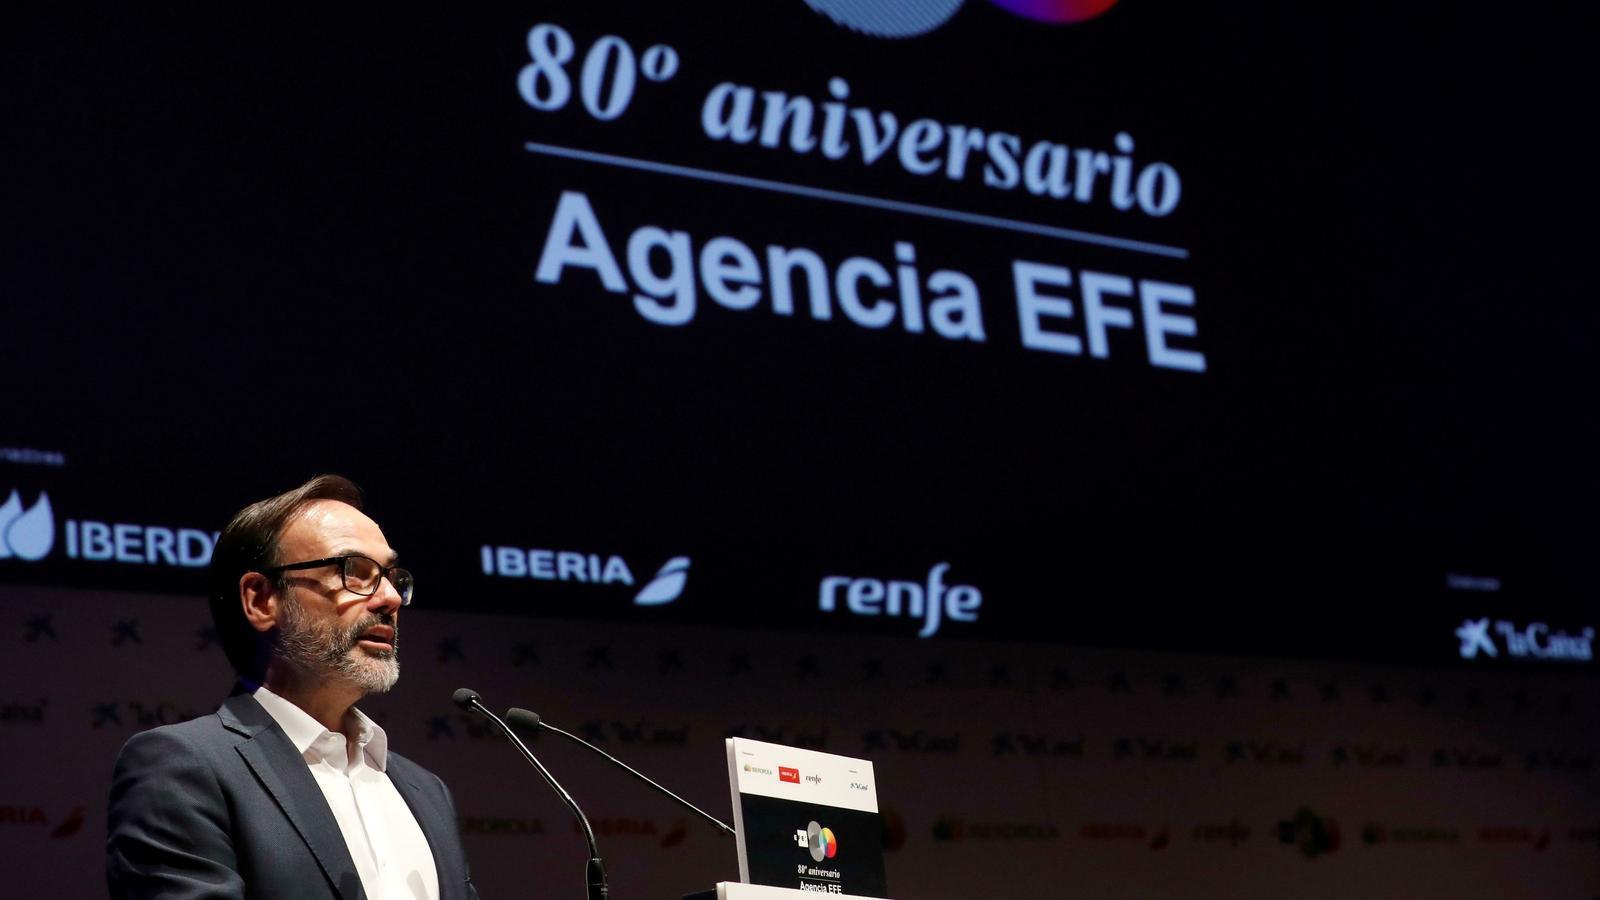 Fernando Garea, en l'acte de celebració dels 80 anys de l'agència Efe